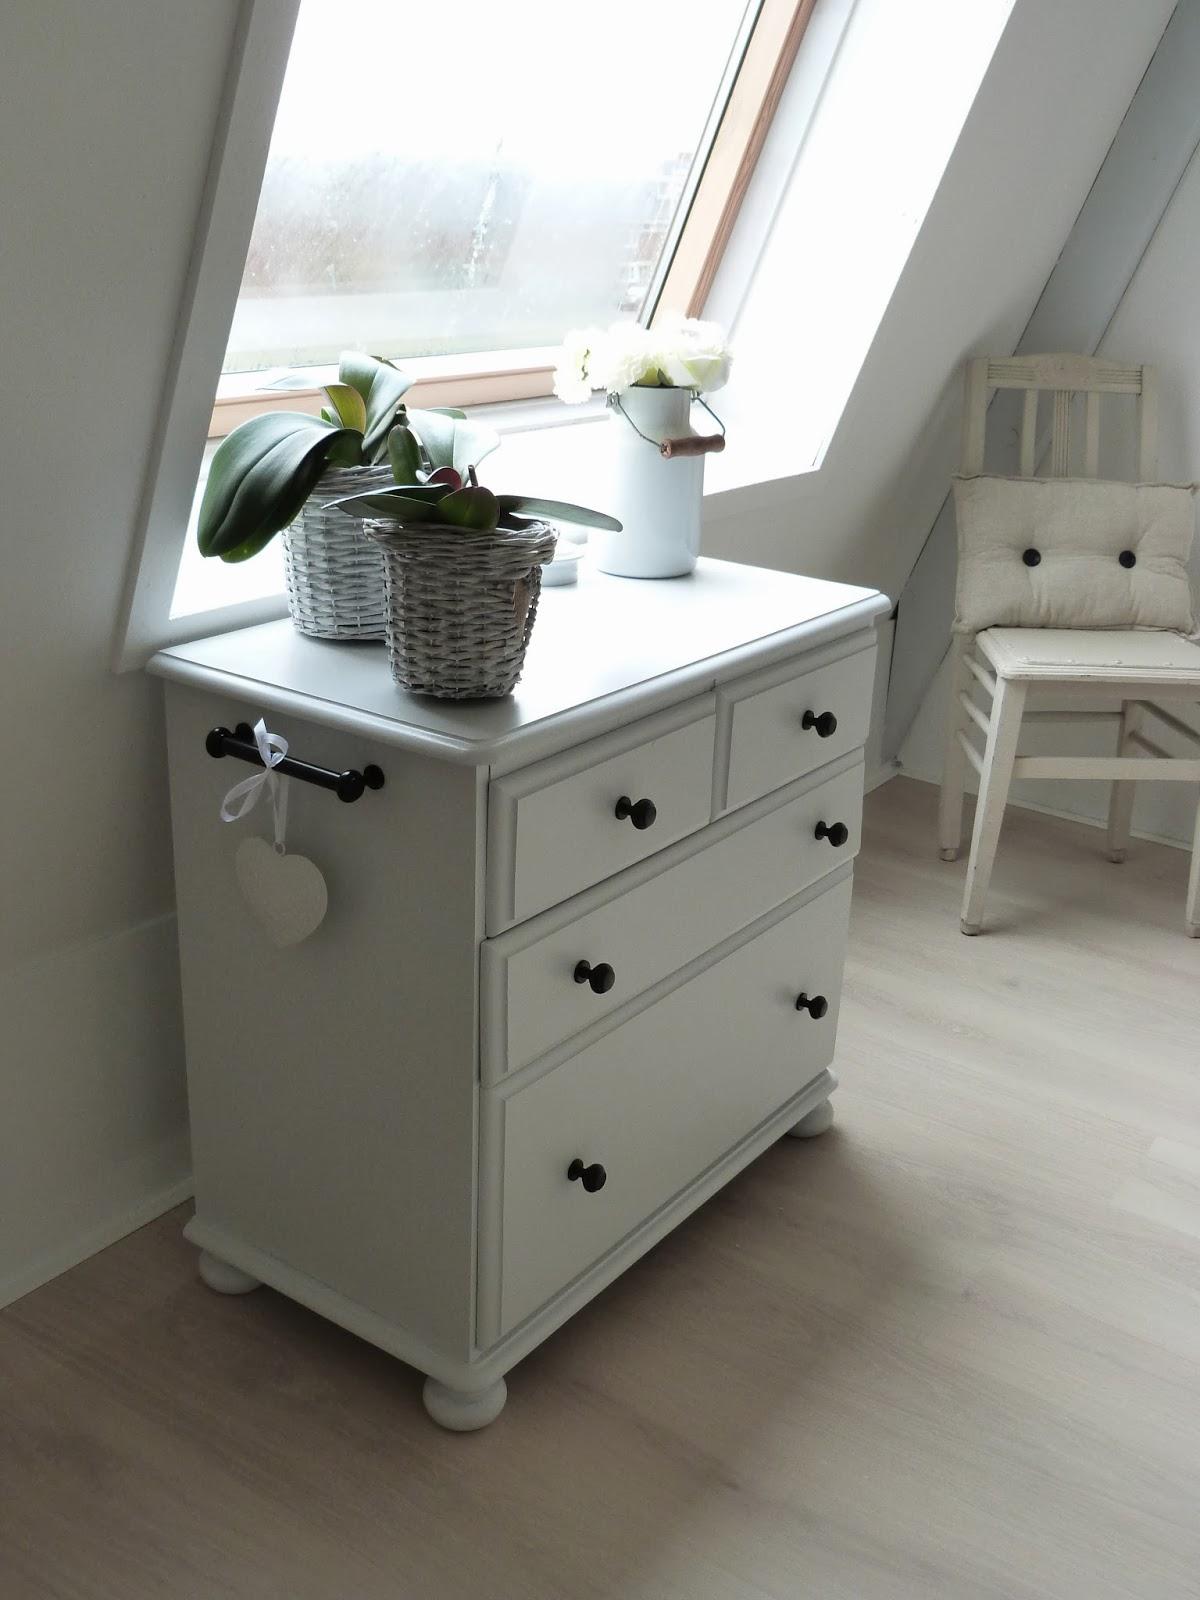 witte ladenkast slaapkamer : Source brocante schelpenhuisje blogspot ...